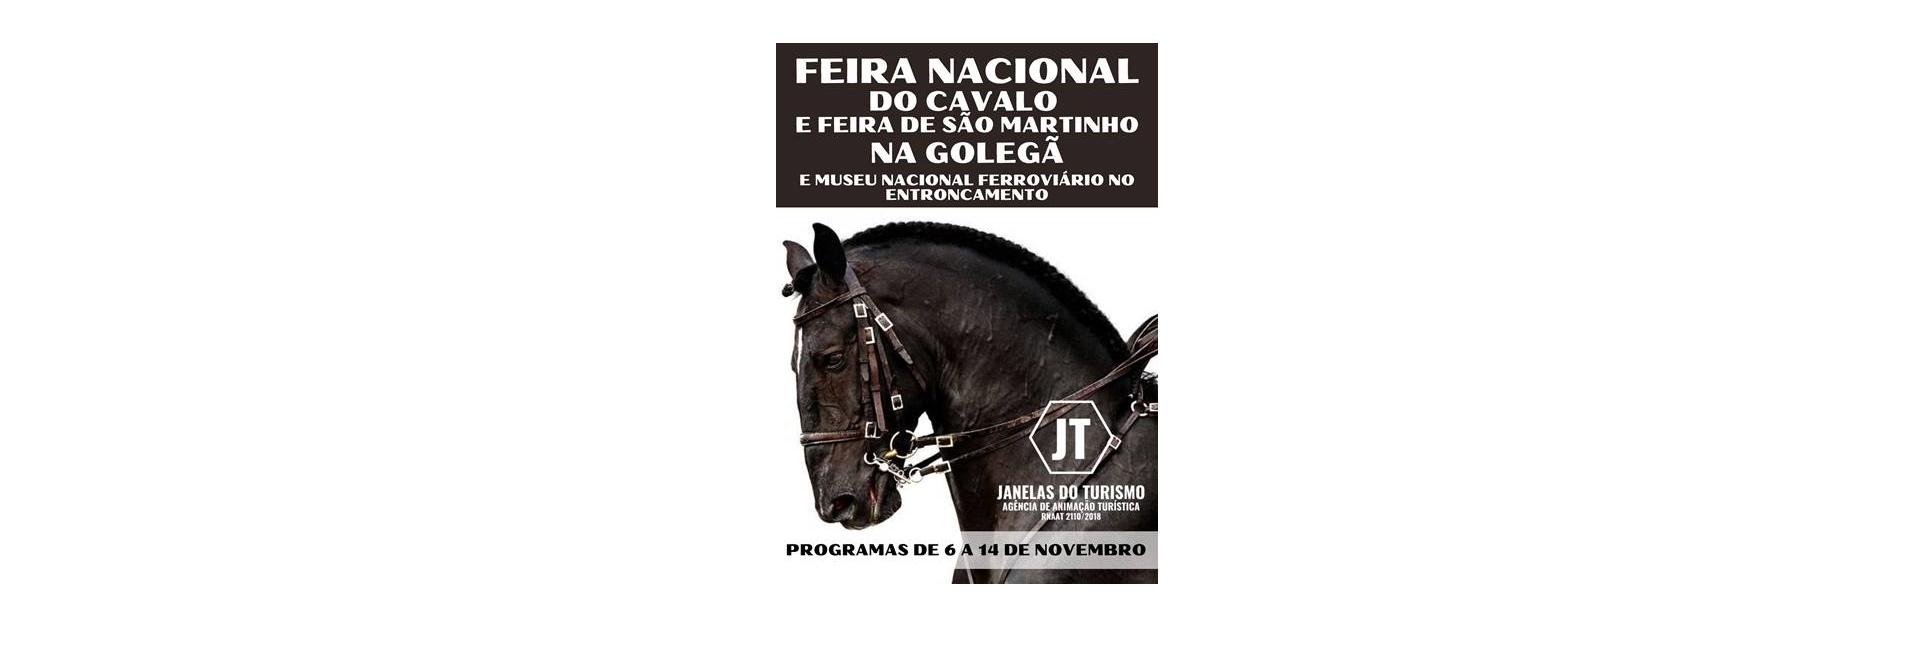 Feira Nacional do Cavalo e Feira de São Martinho na Golegã – De 6 a 14 de Novembro